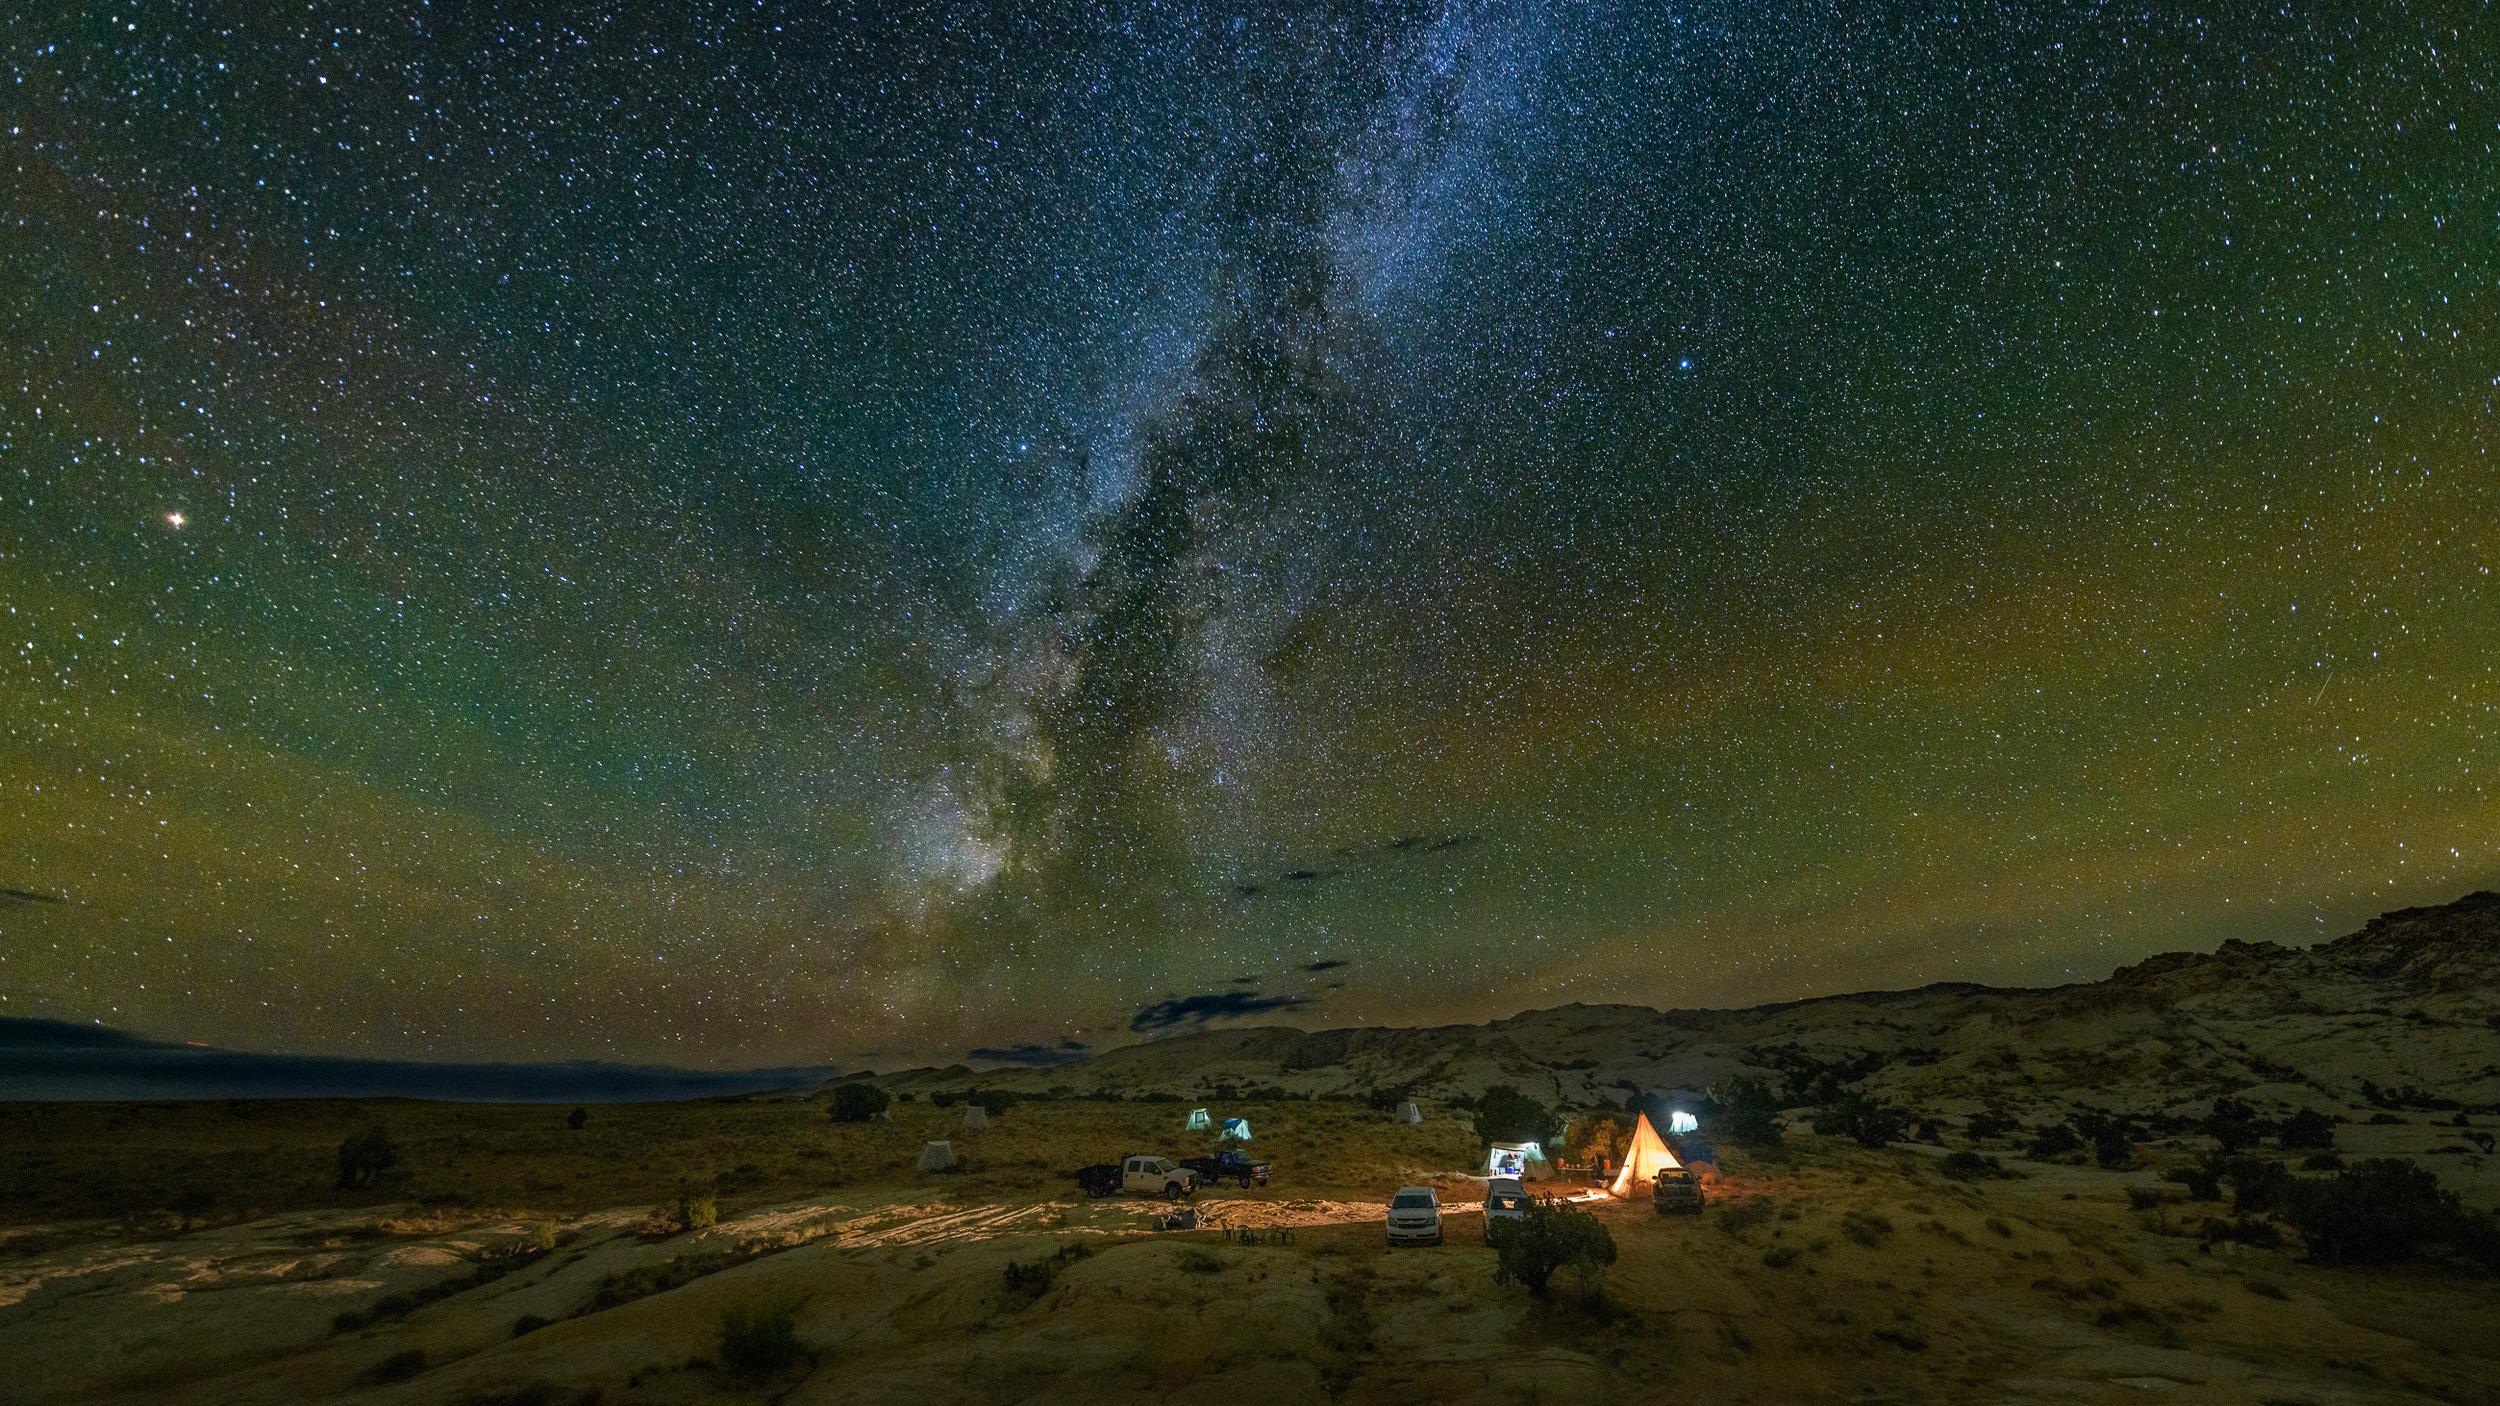 photo_workshop_utah_night-skies-1.jpg